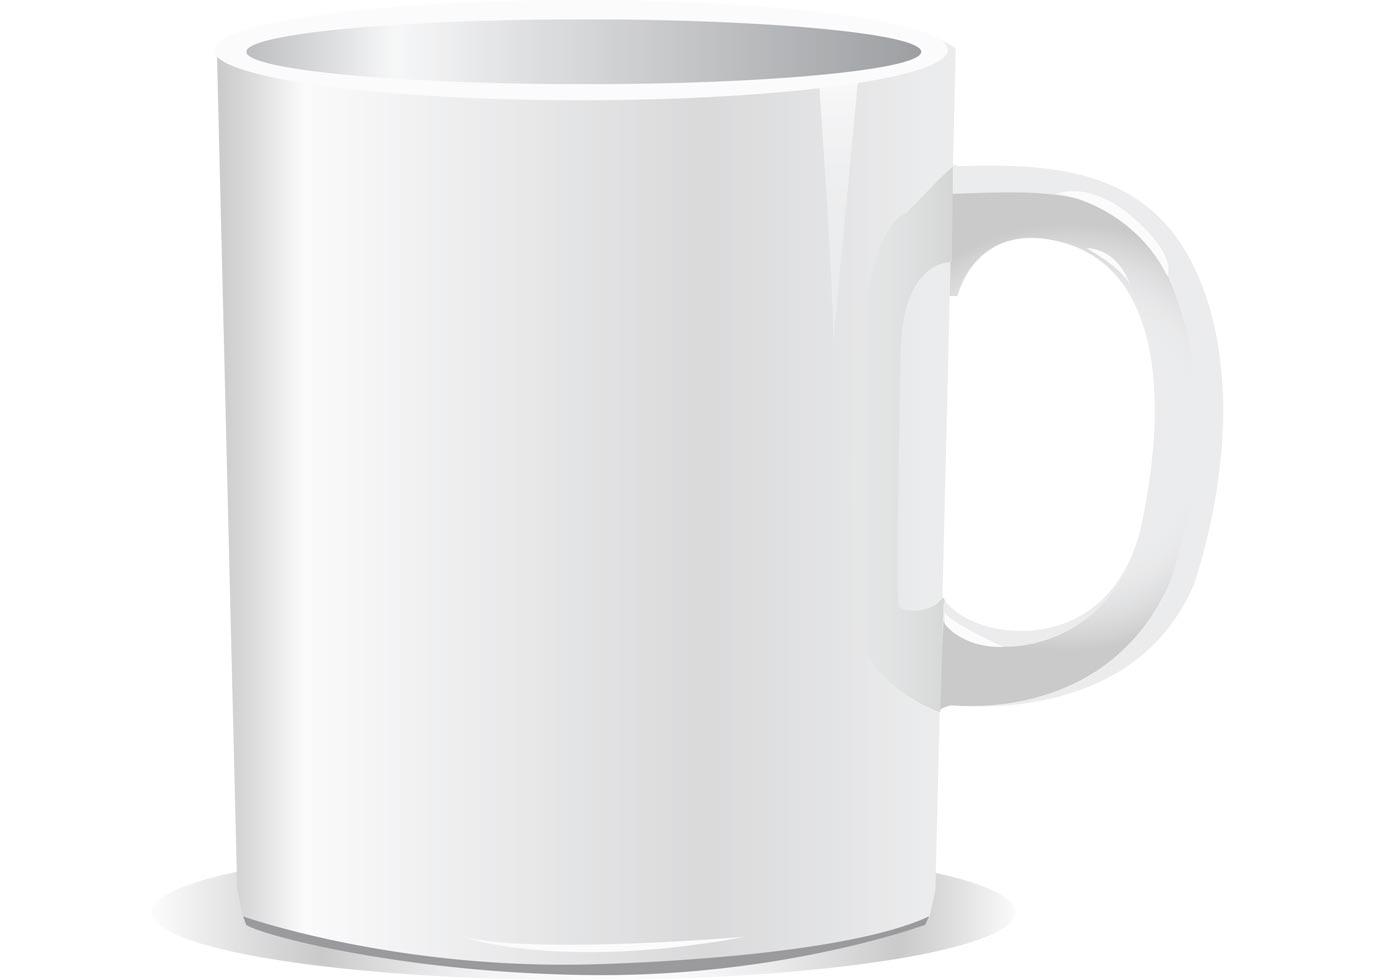 1400x980 Coffee Cup